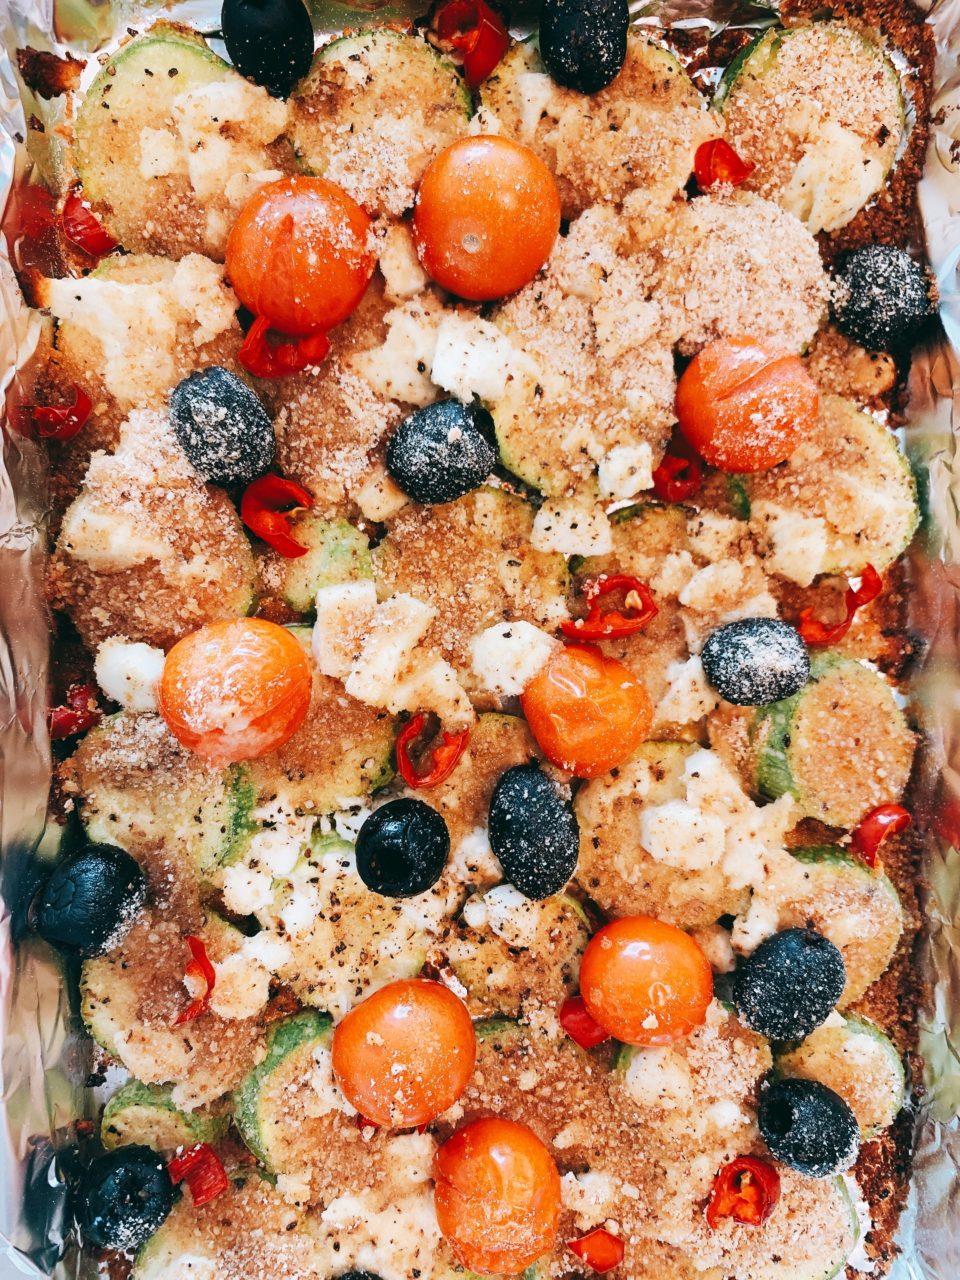 lifestyle redesign  - IMG 8676 960x1280 - Self-Isolation Recipe Sunday: Roasted Zucchini with Feta and Olives